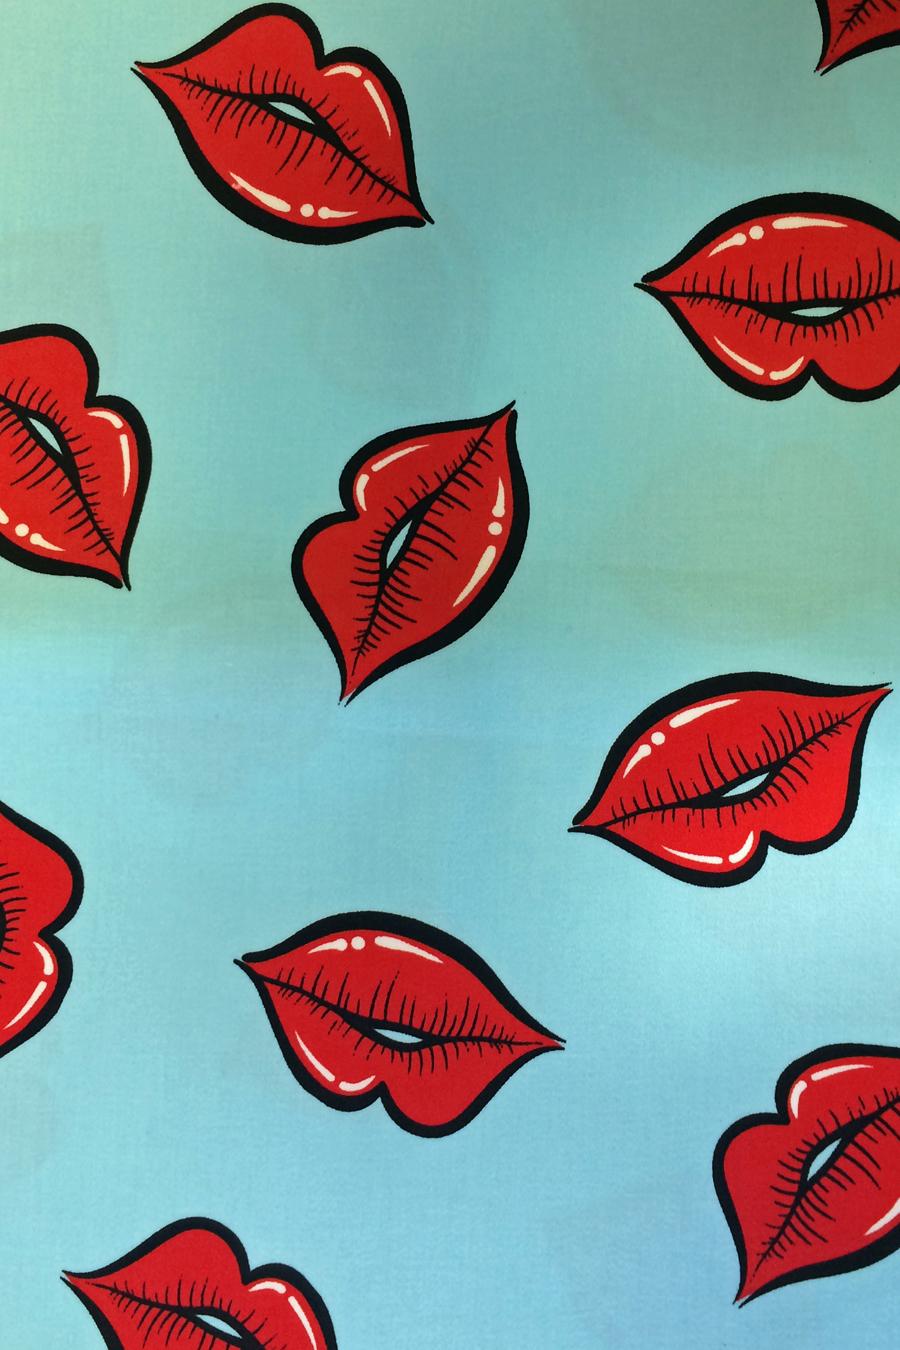 Lady V London Red Lips Tea Lady V London